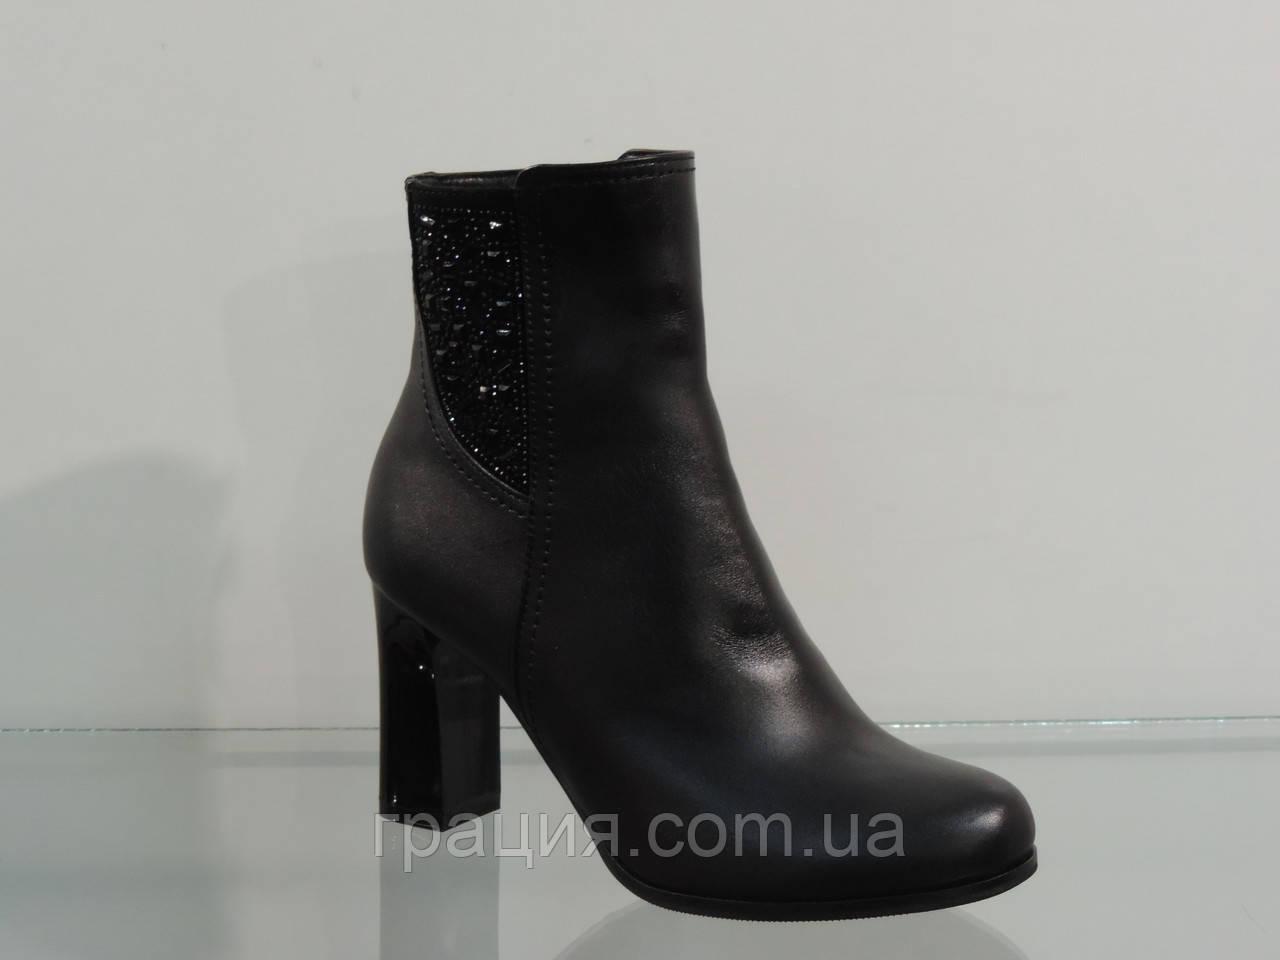 Ботиночки женские демисезонные на каблуке